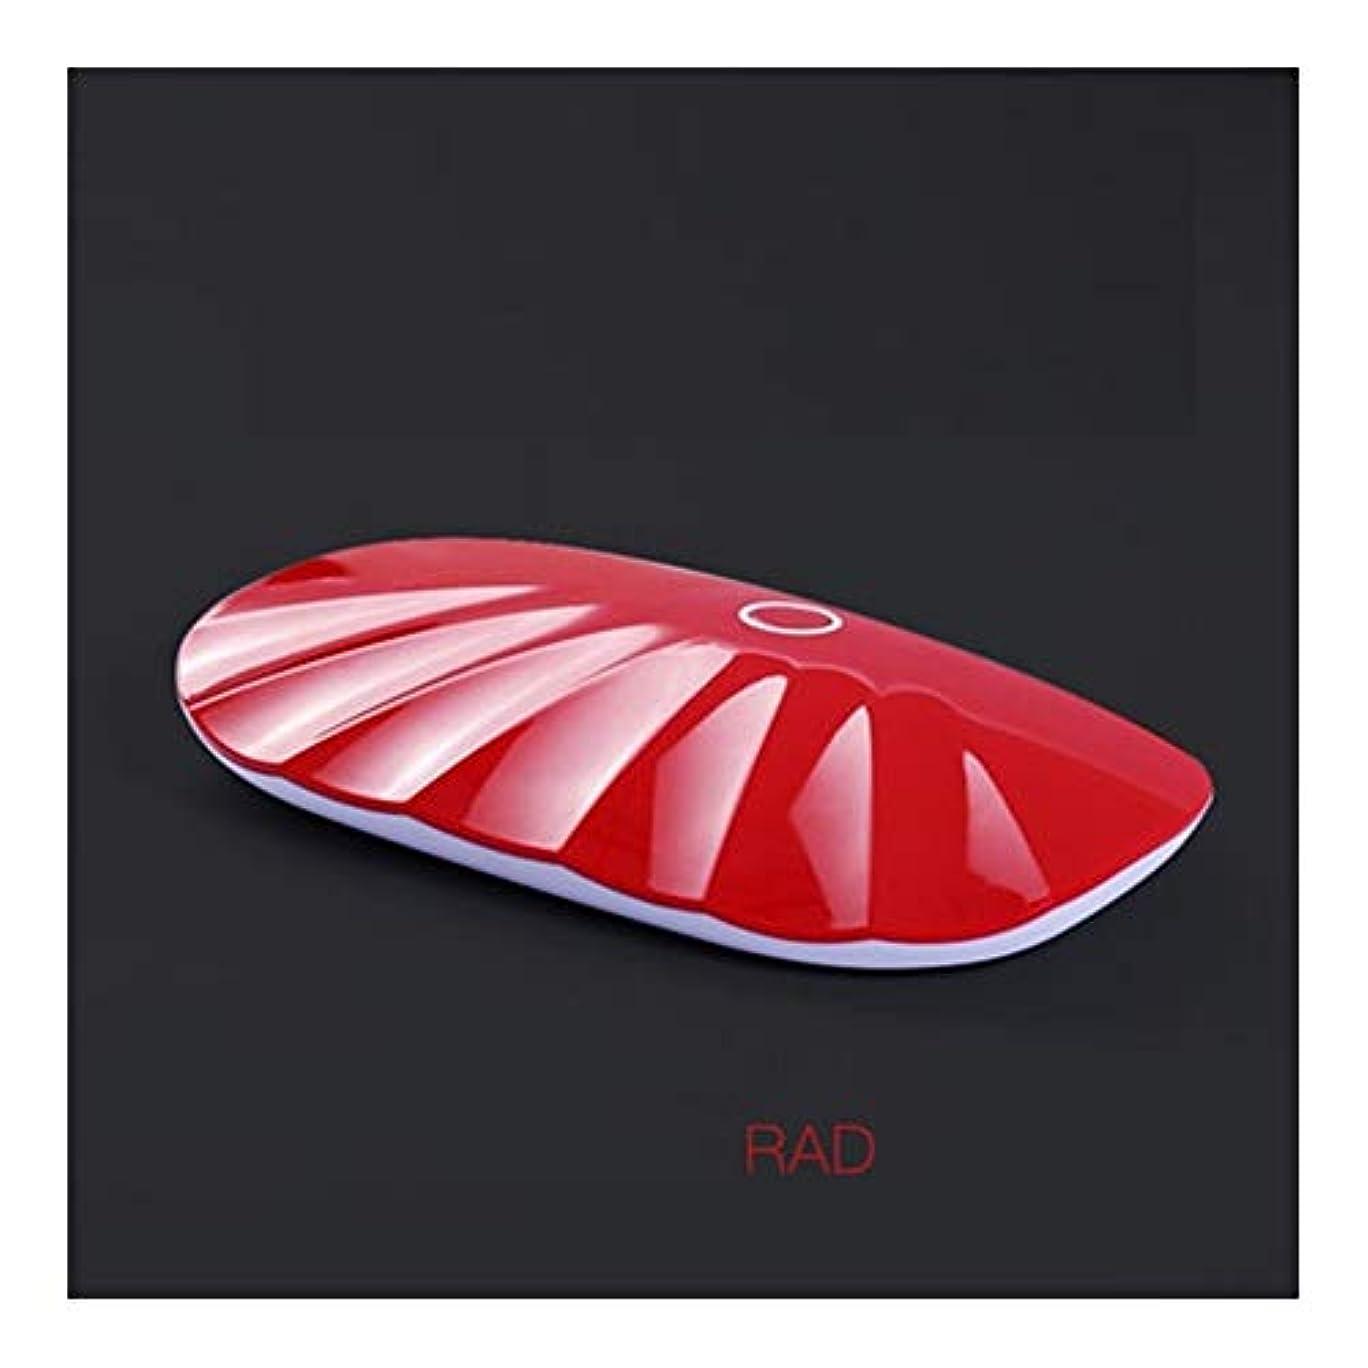 エスカレート華氏キャストLittleCat ミニポータブルLEDライトセラピー機ドライヤーネイルネイルUSBランプ照明ベーキングゴムトリートメント (色 : 赤)